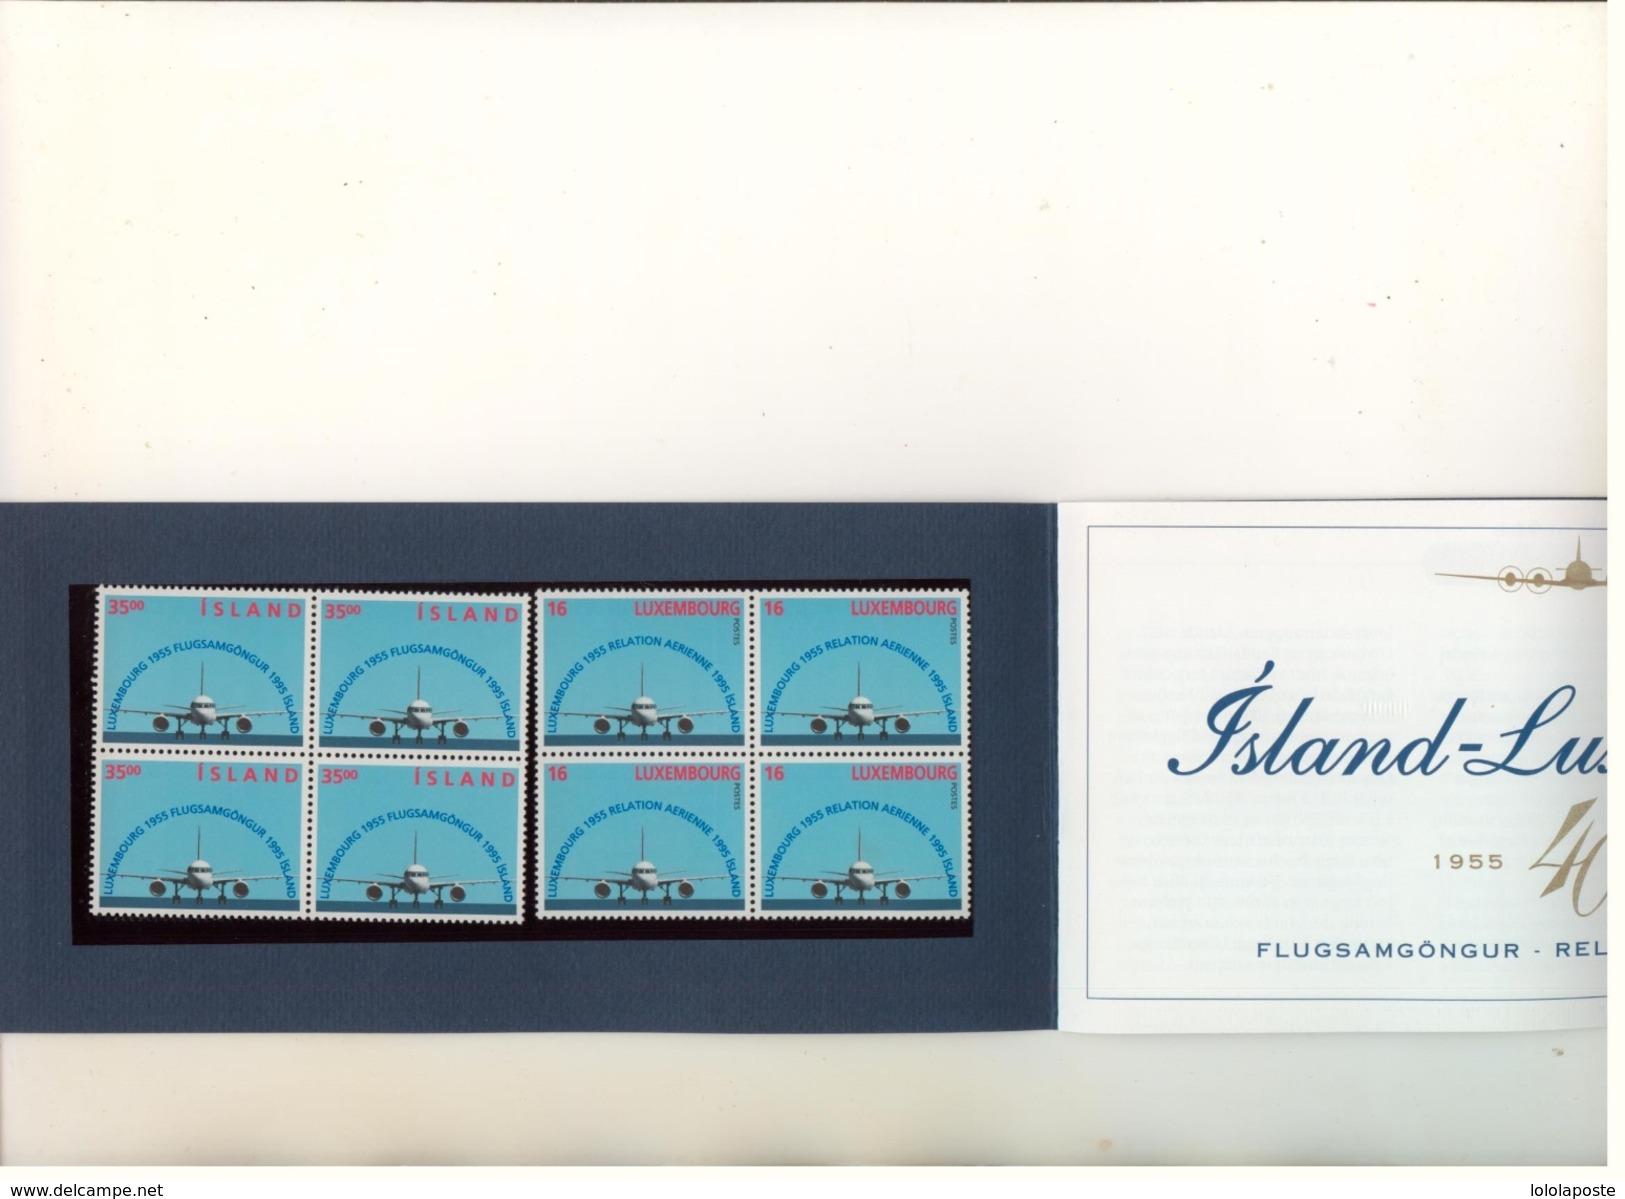 ISLANDE - 1995 - Emmission Commune Avec Le LUXEMBOURG - 4 Blocs De 4 Dont 2 Neufs Et 2 Oblitérés - Islande